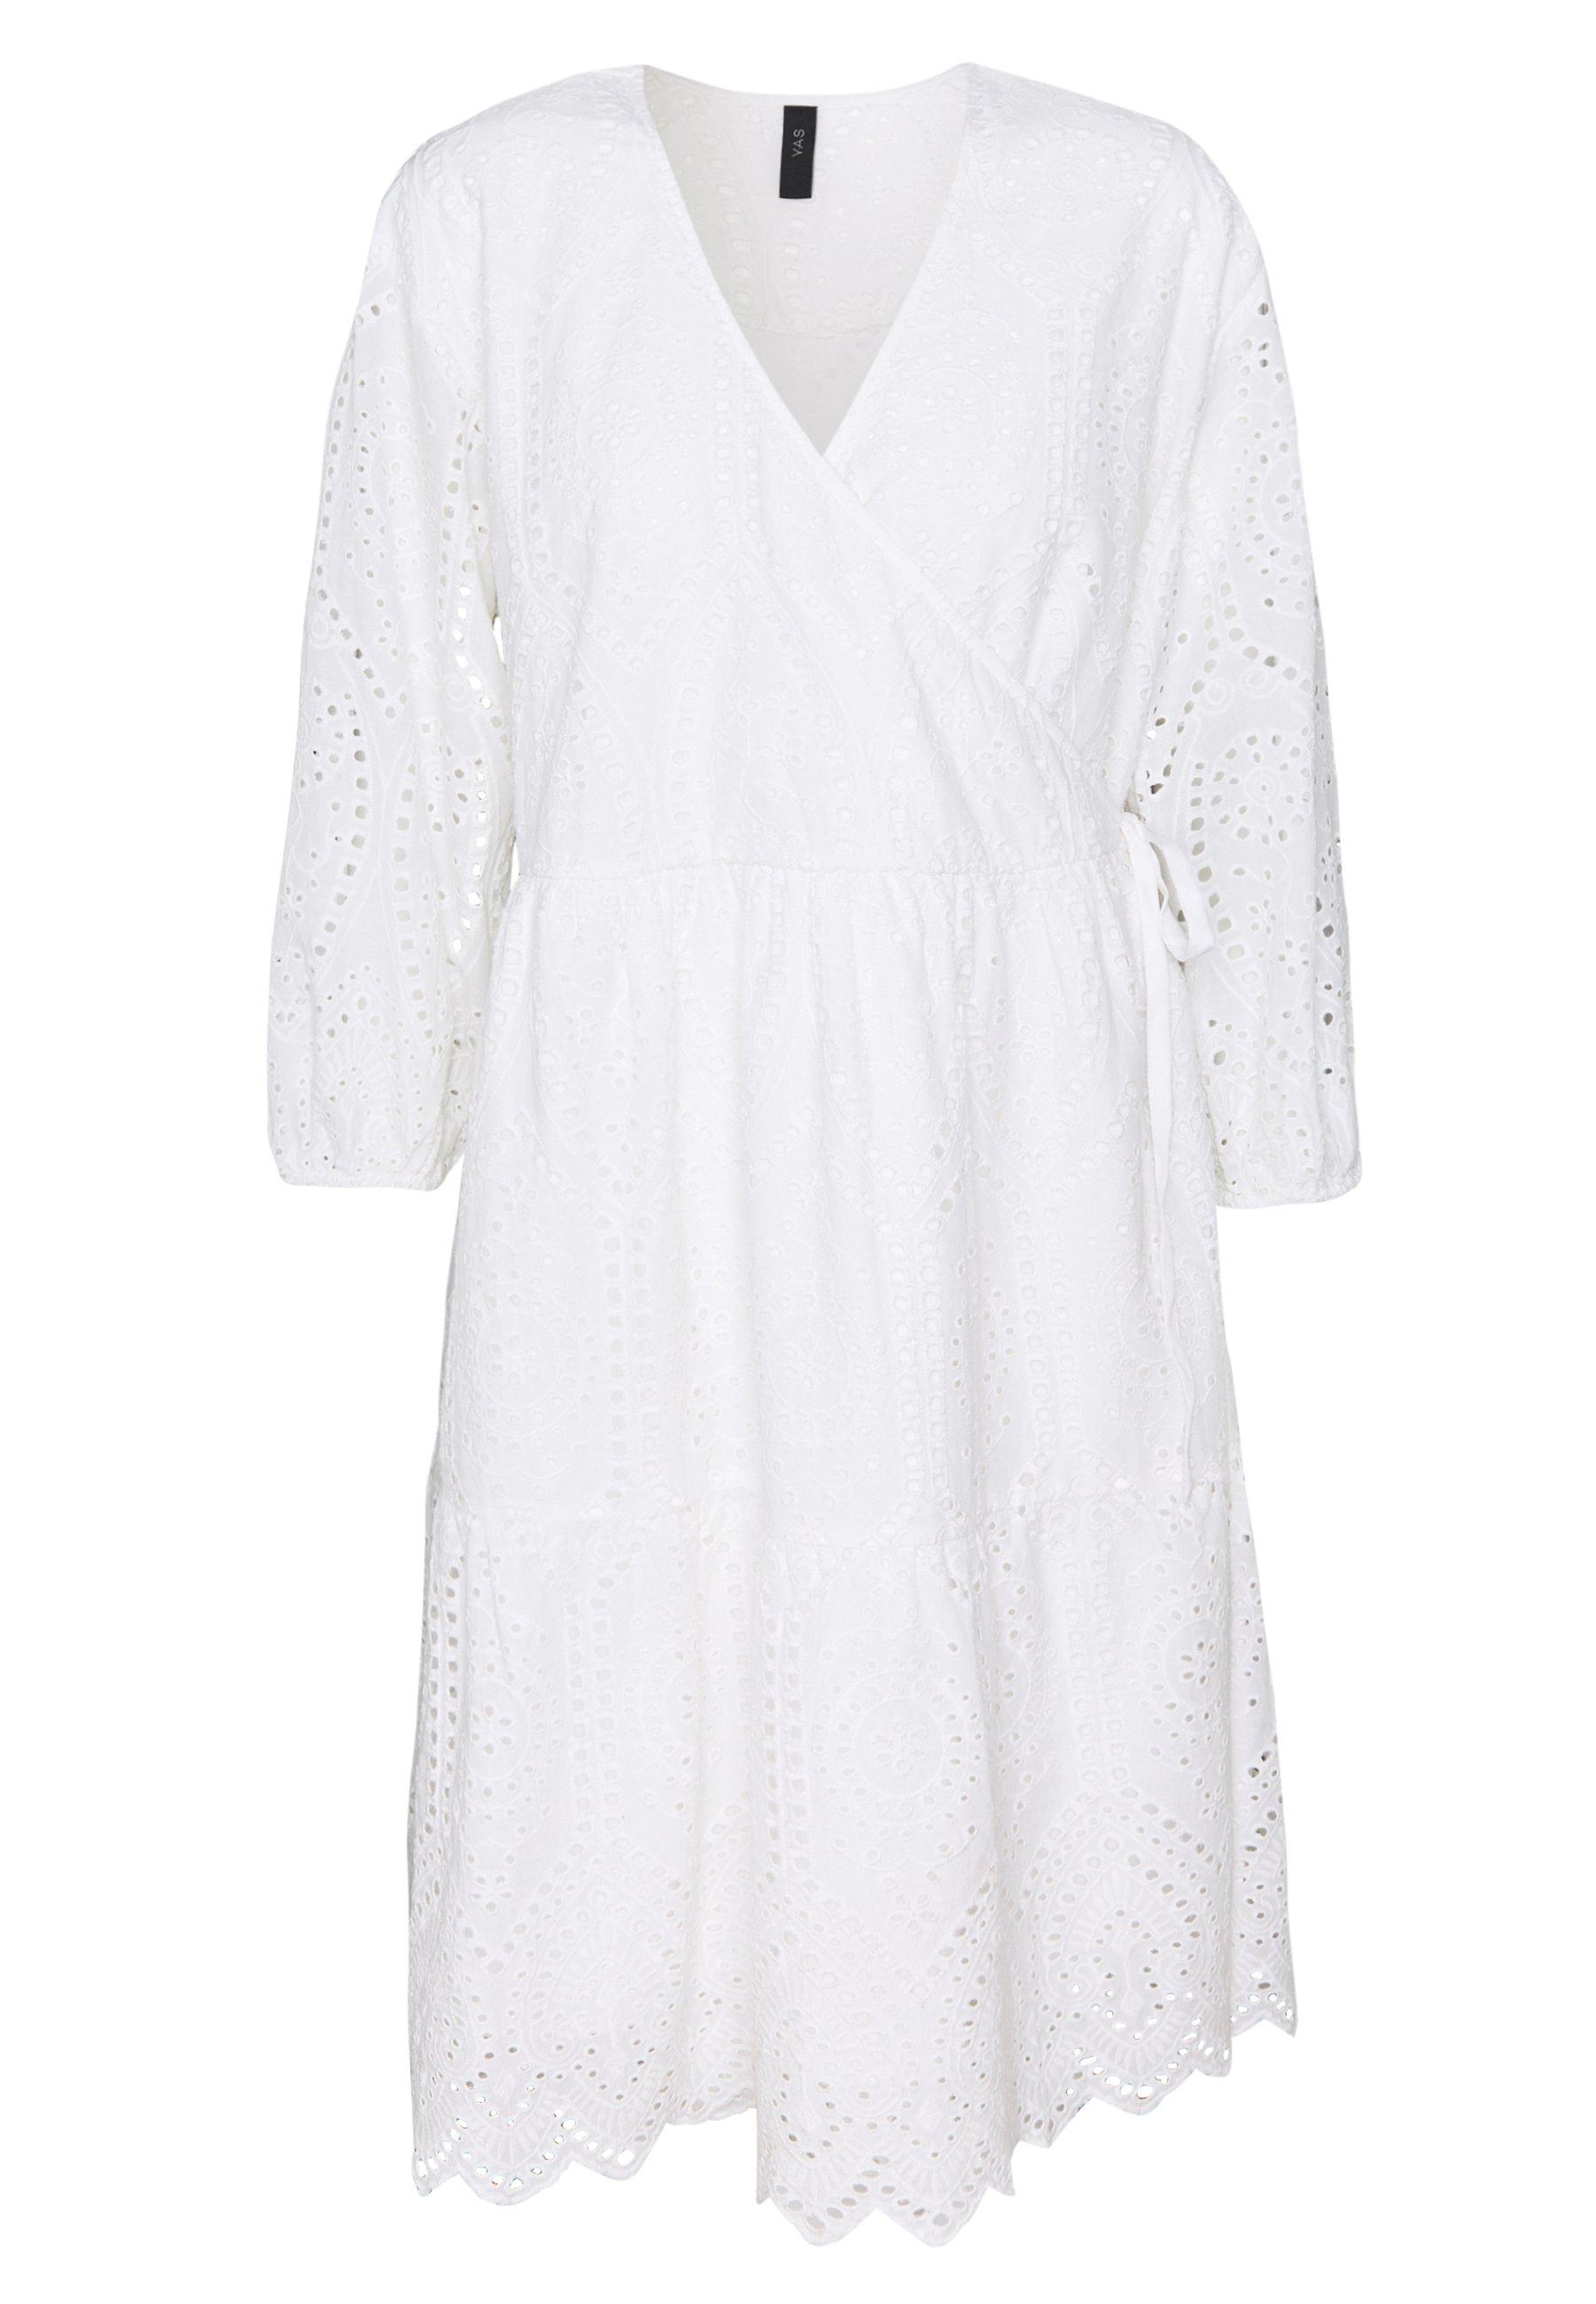 Yas Yasholi Wrap Dress - Robe D'été Star White